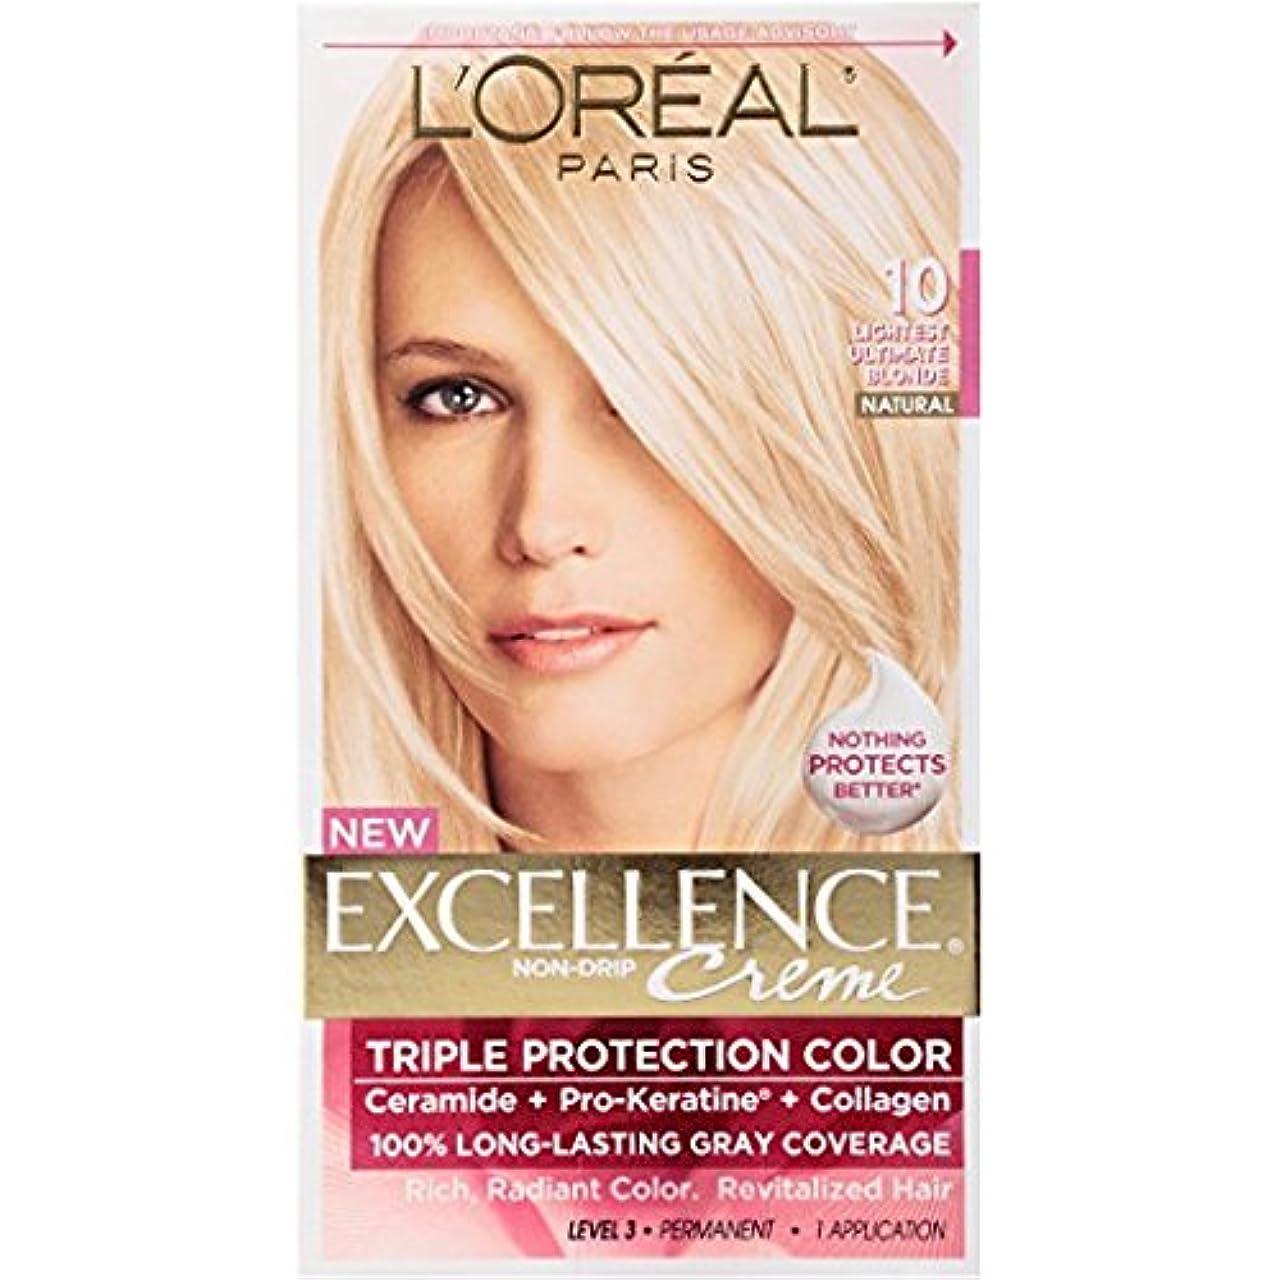 後悔箱好きロレアル L'Oreal Paris Excellence Creme Pro - Keratine 10 Light Ultimate Blonde ブロンド ヘアダイ [並行輸入品]